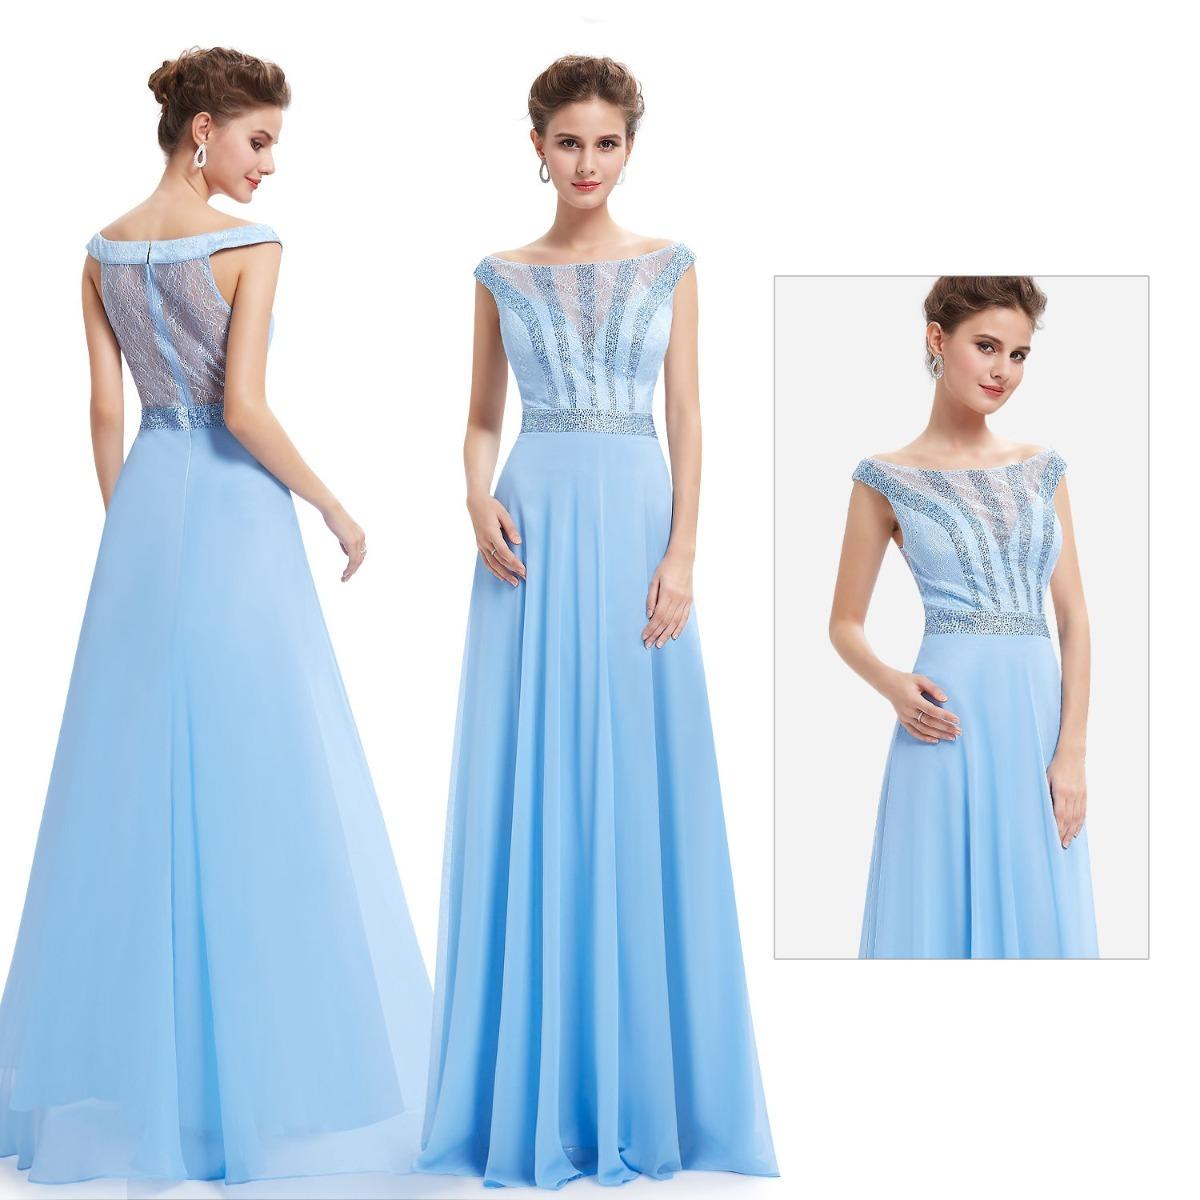 Vestido de madrinha azul pastel